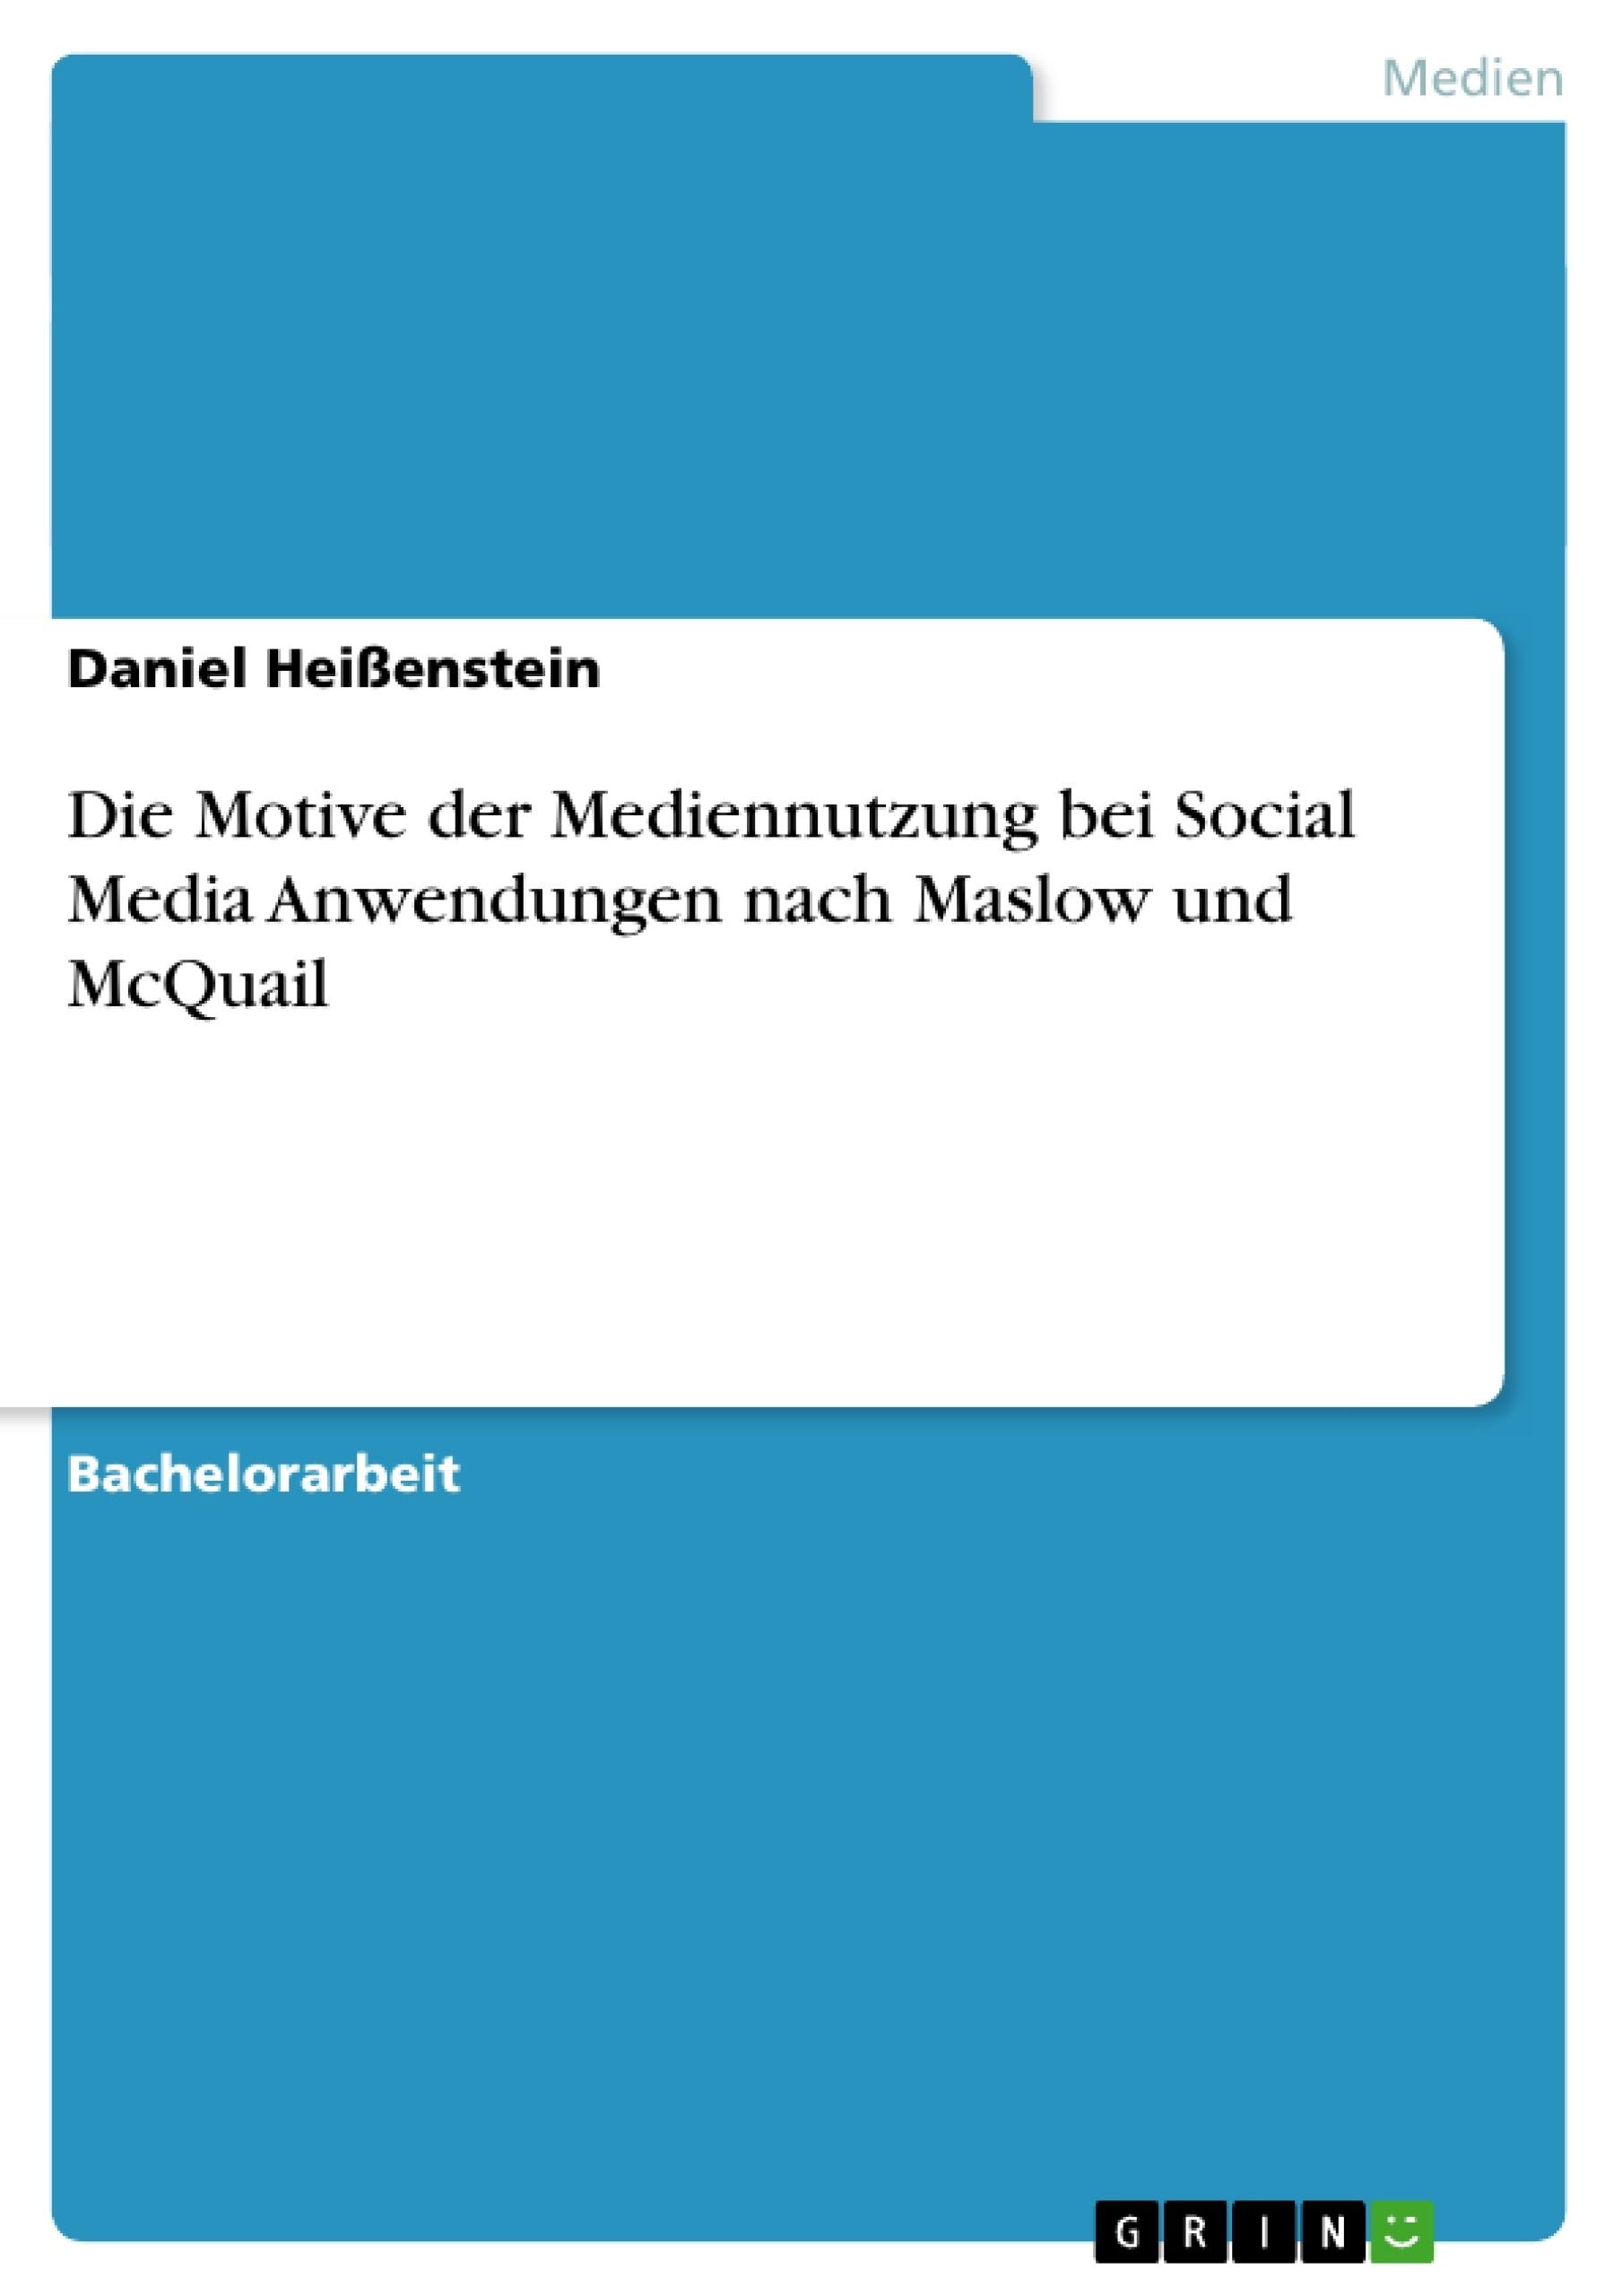 Titel: Die Motive der Mediennutzung bei Social Media Anwendungen nach Maslow und McQuail